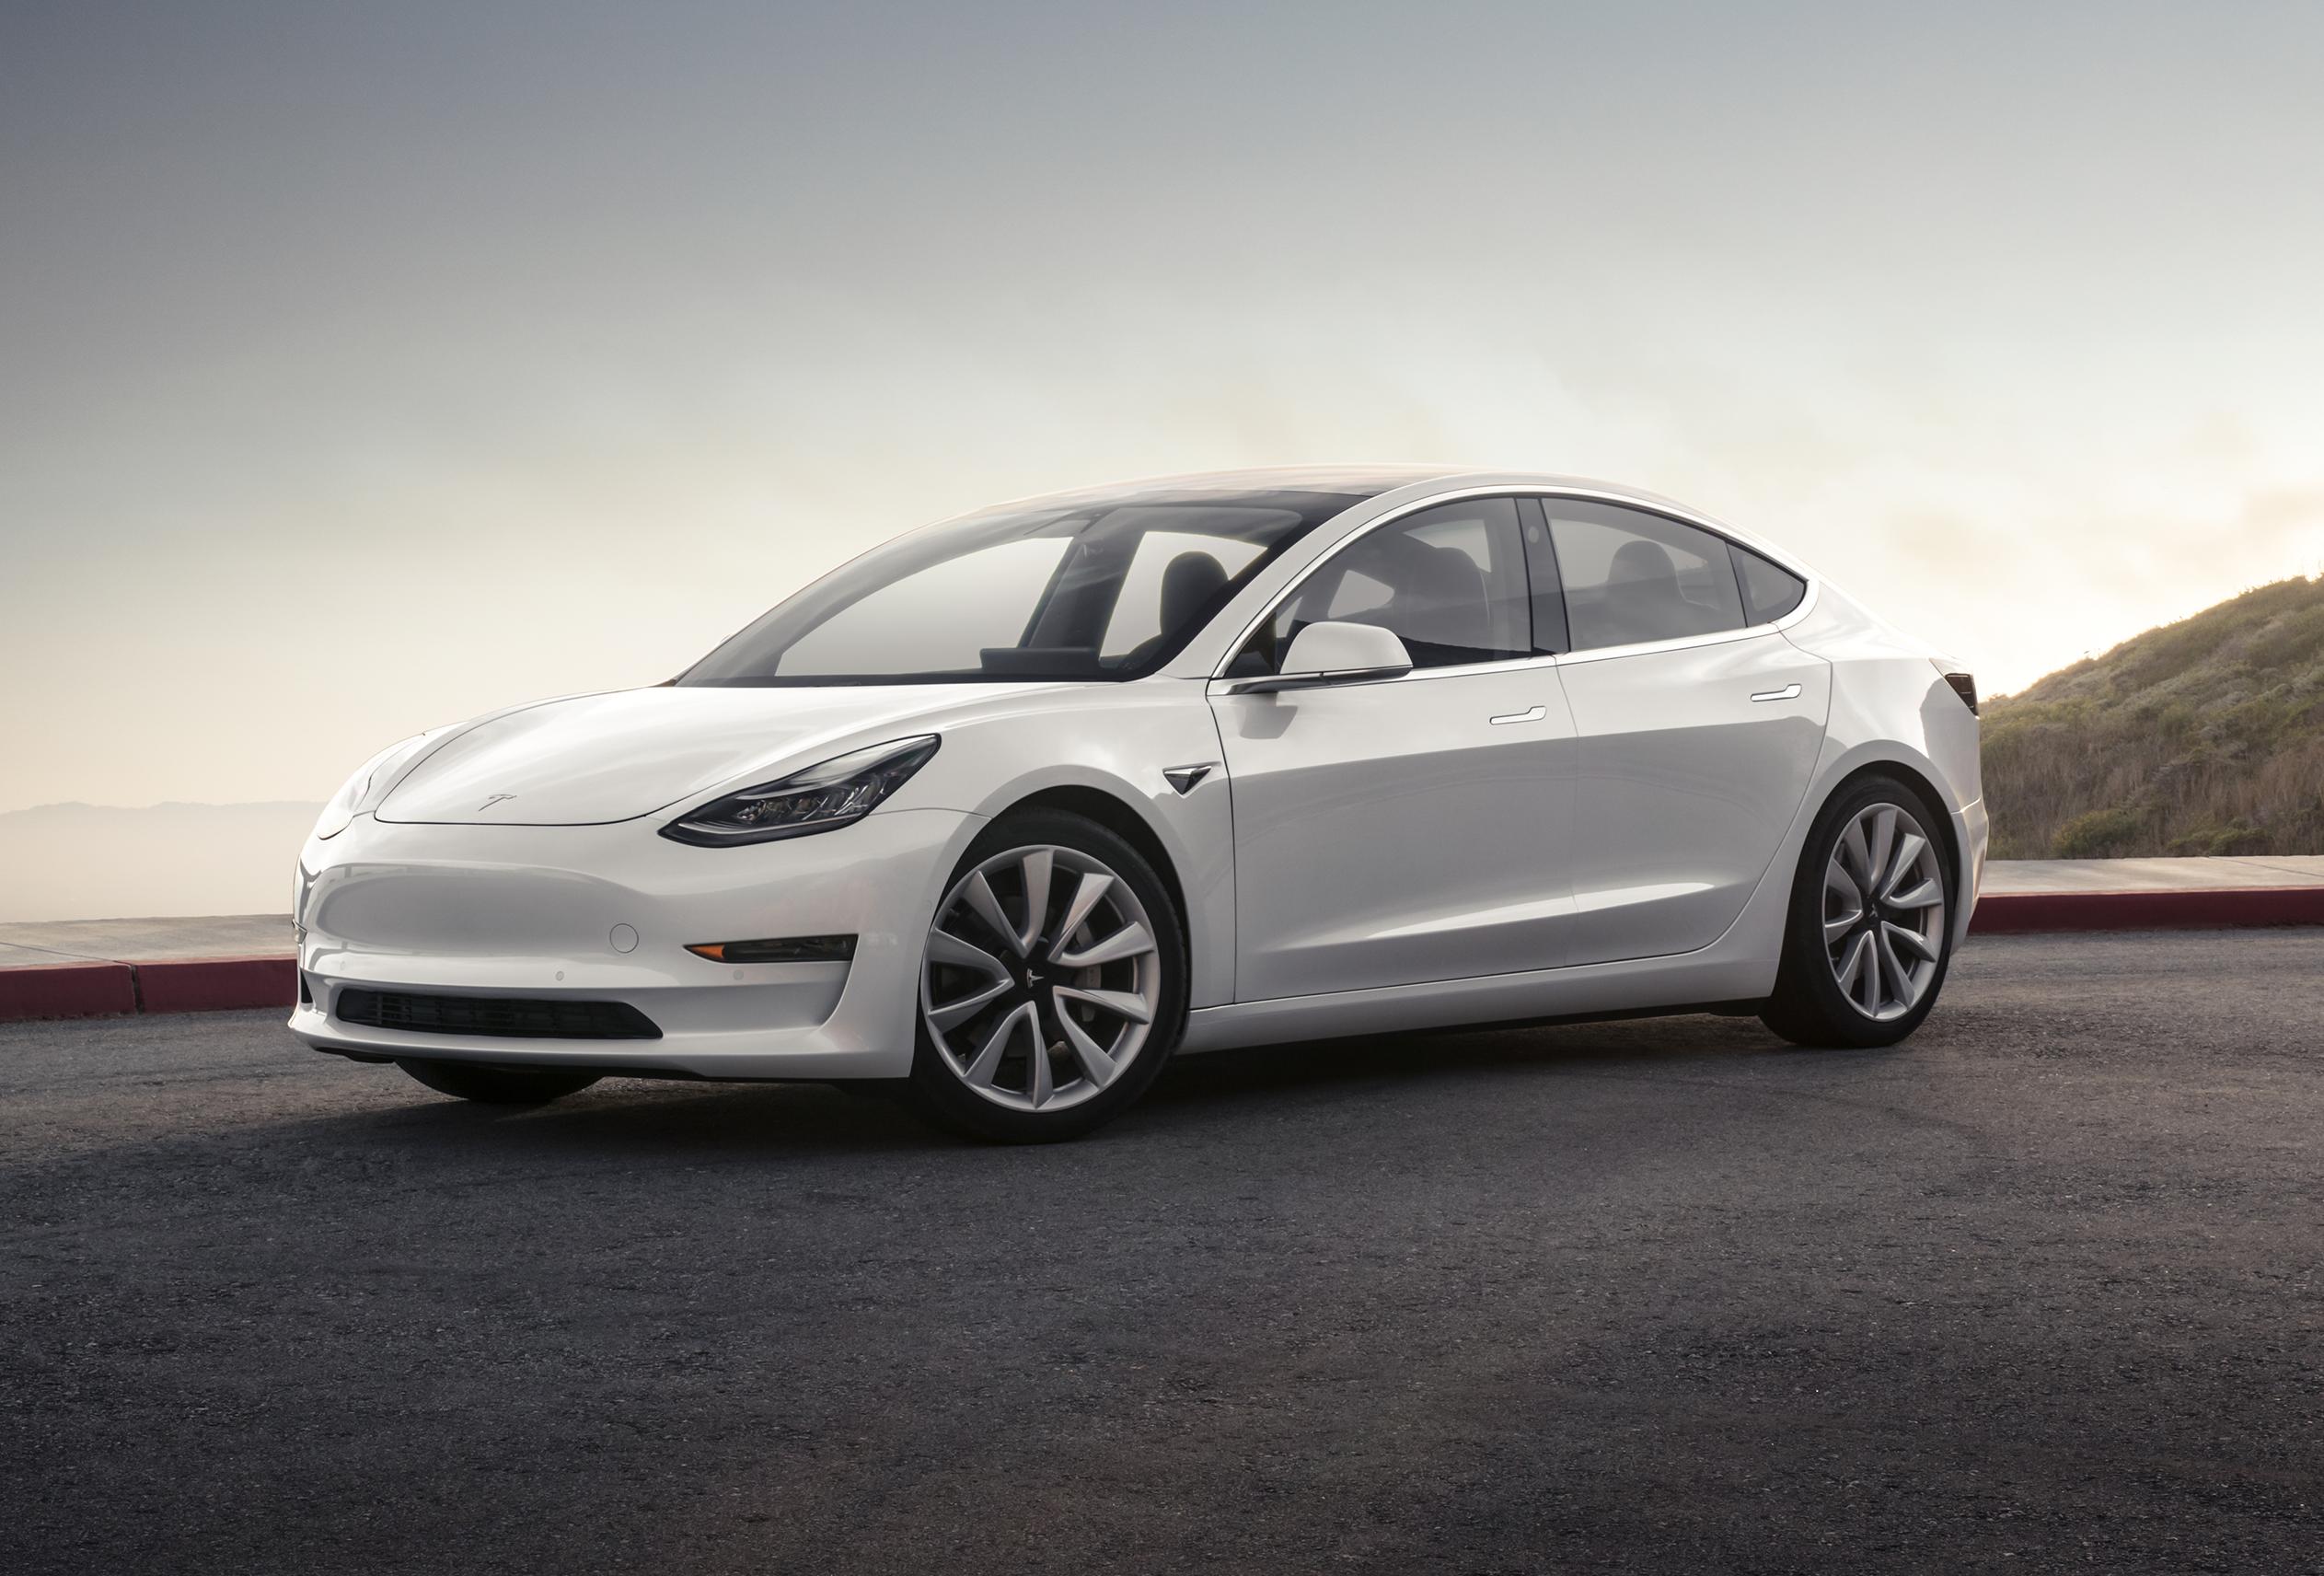 News - Tesla Delivers First Model 3, Key Details Revealed